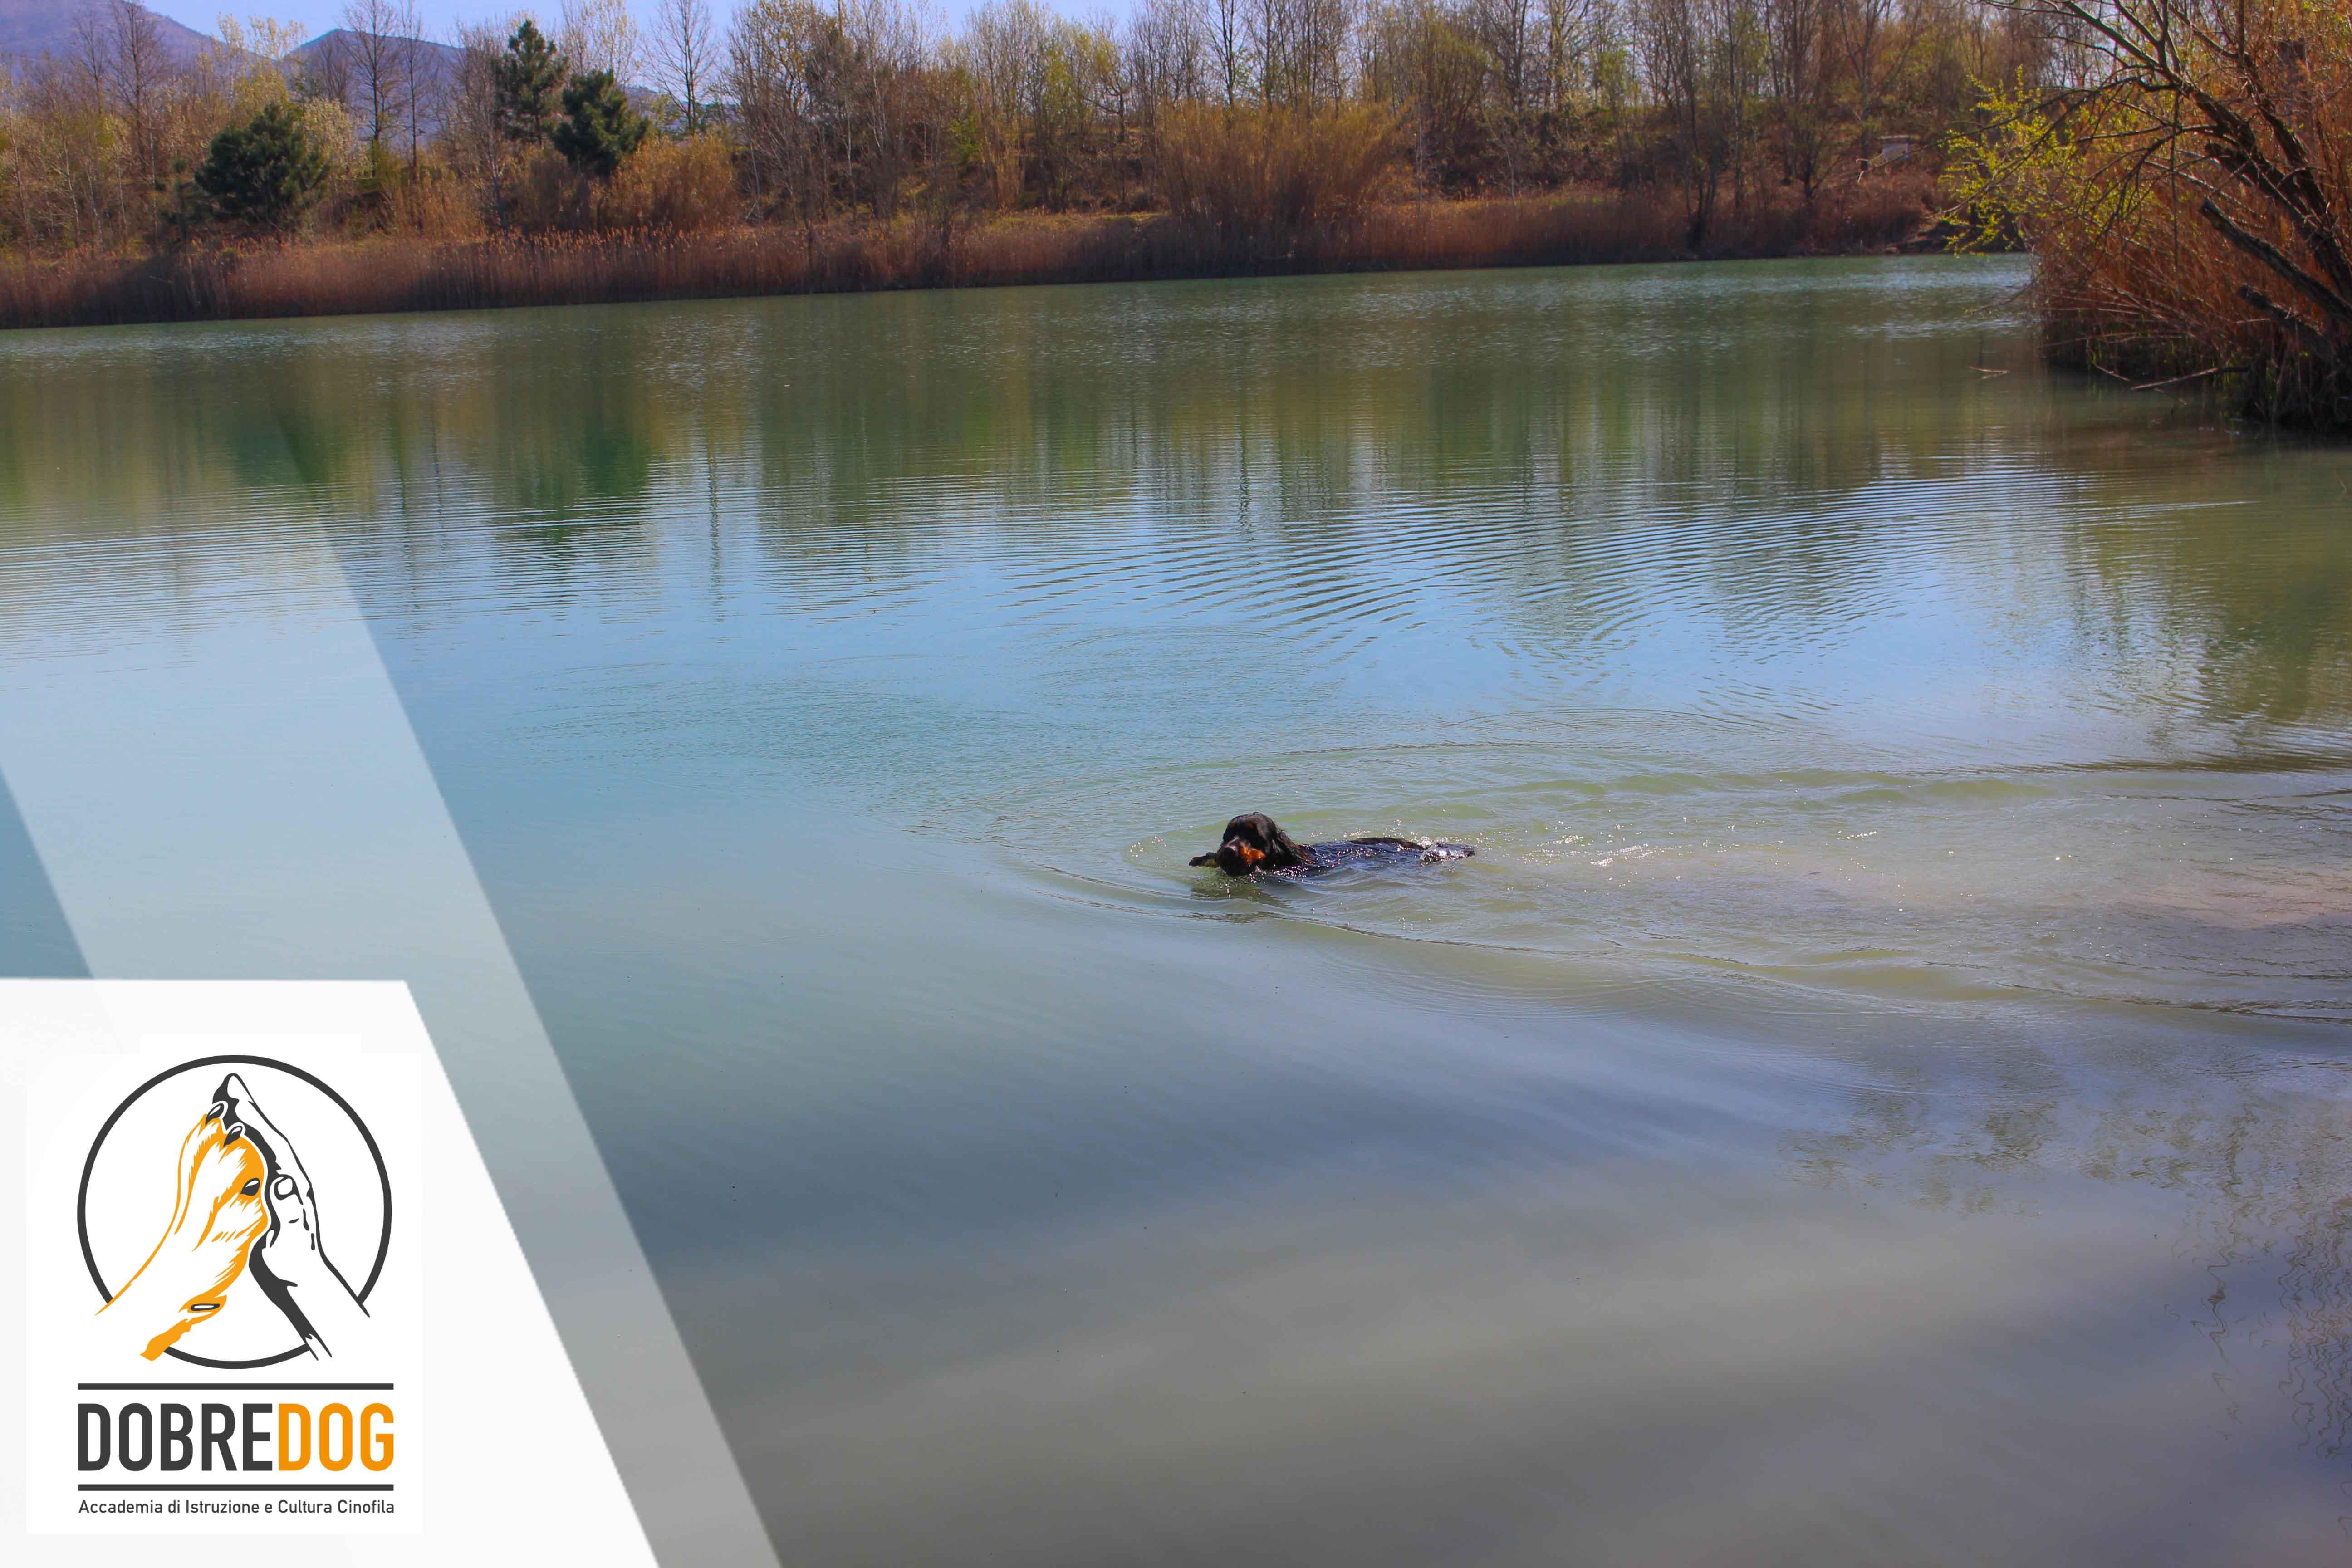 Passeggiate organizzate con il cane - Centro Cinofilo Dobredog Livorno